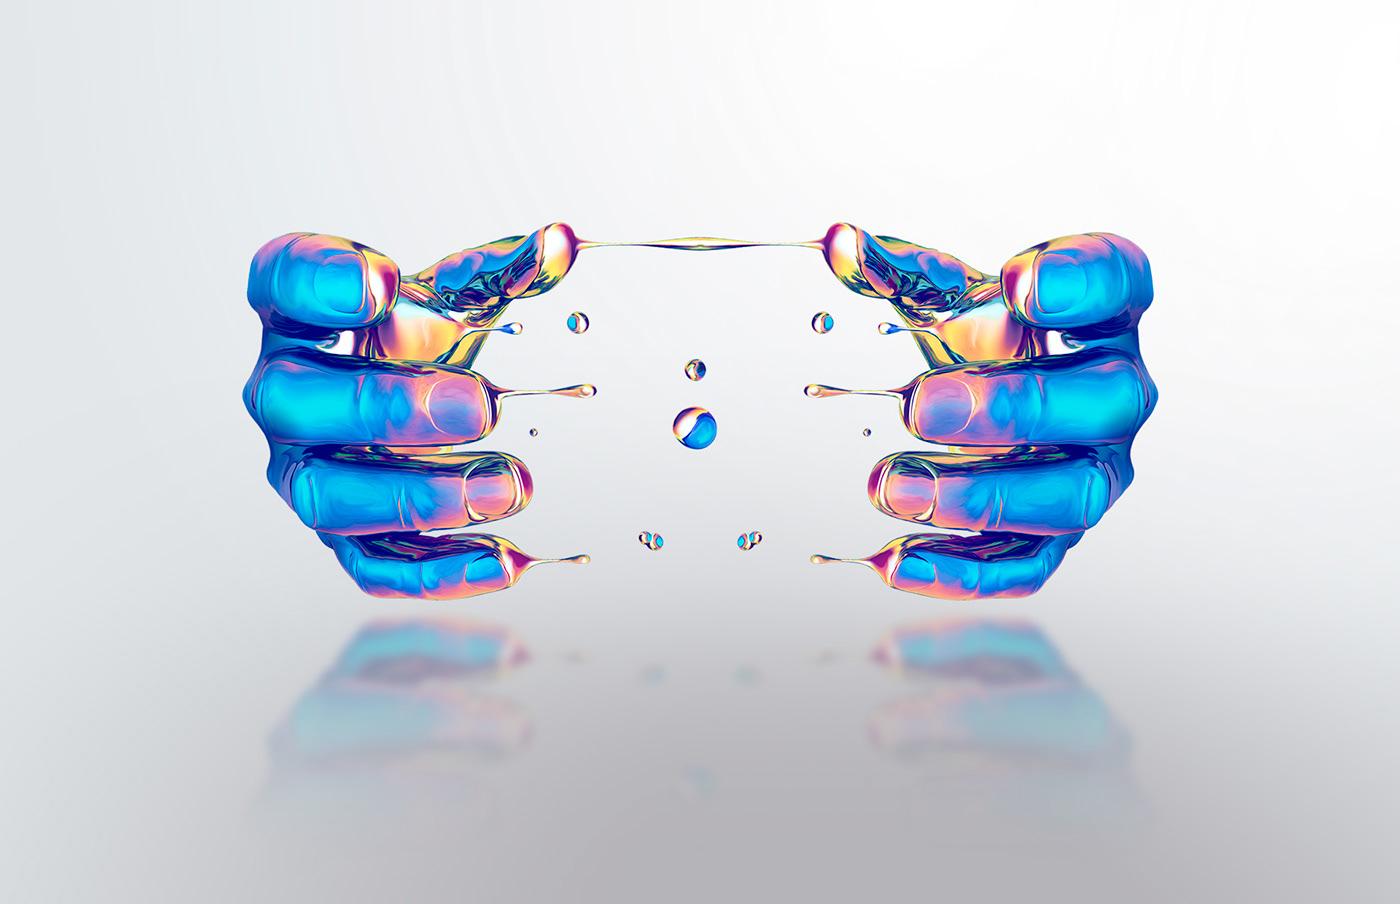 chrome Liquid ILLUSTRATION  graphic design wacom Intuos